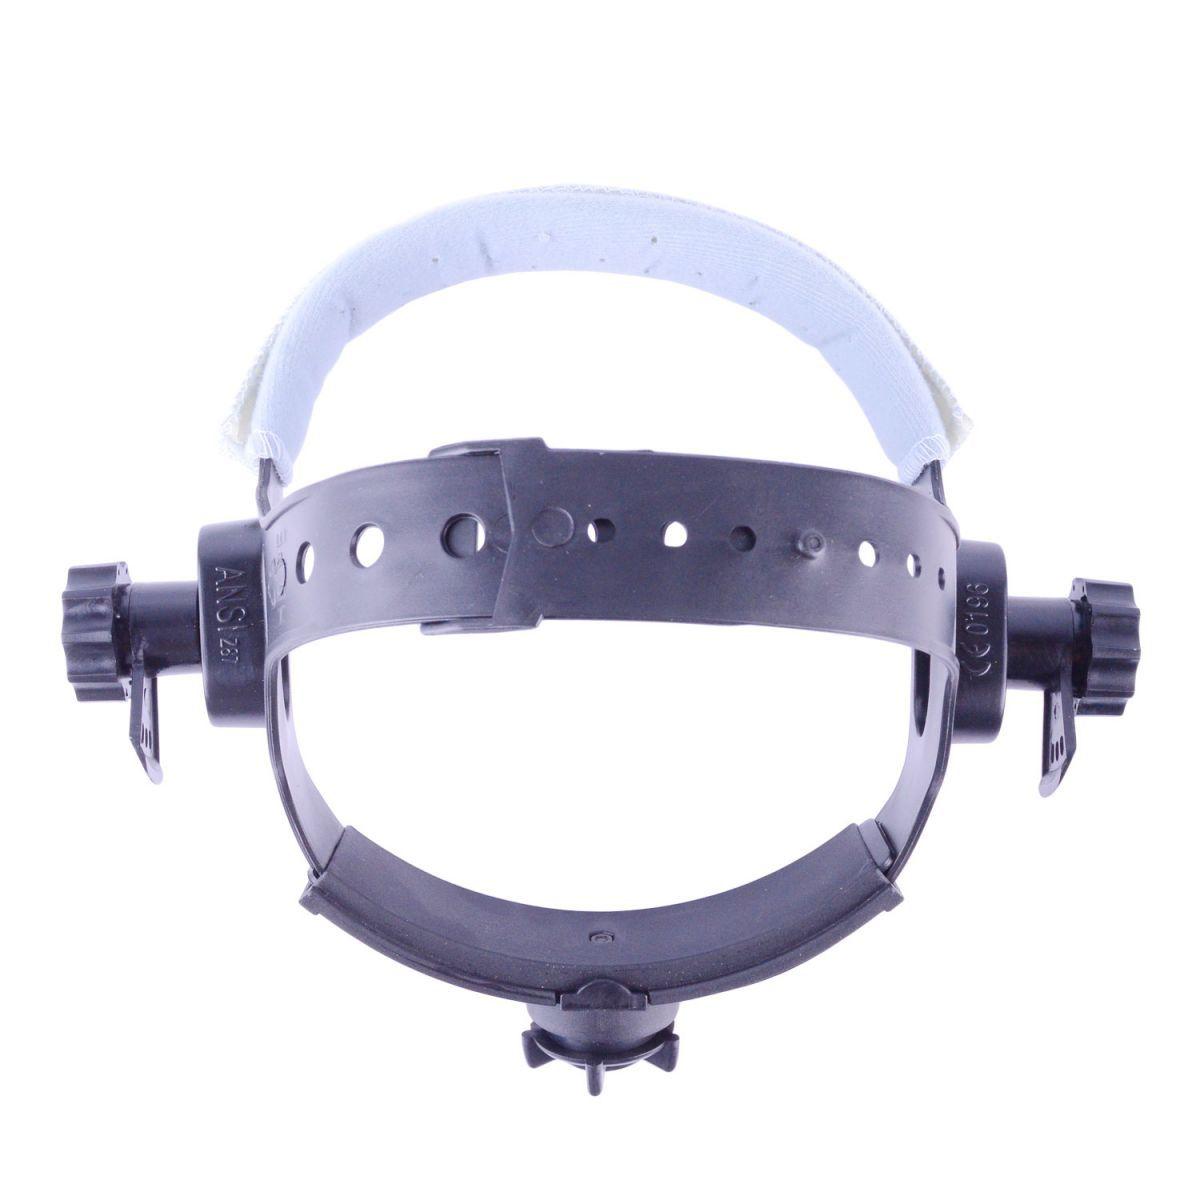 Carneira Para Máscara de Solda Automática PM03 - Weld Vision